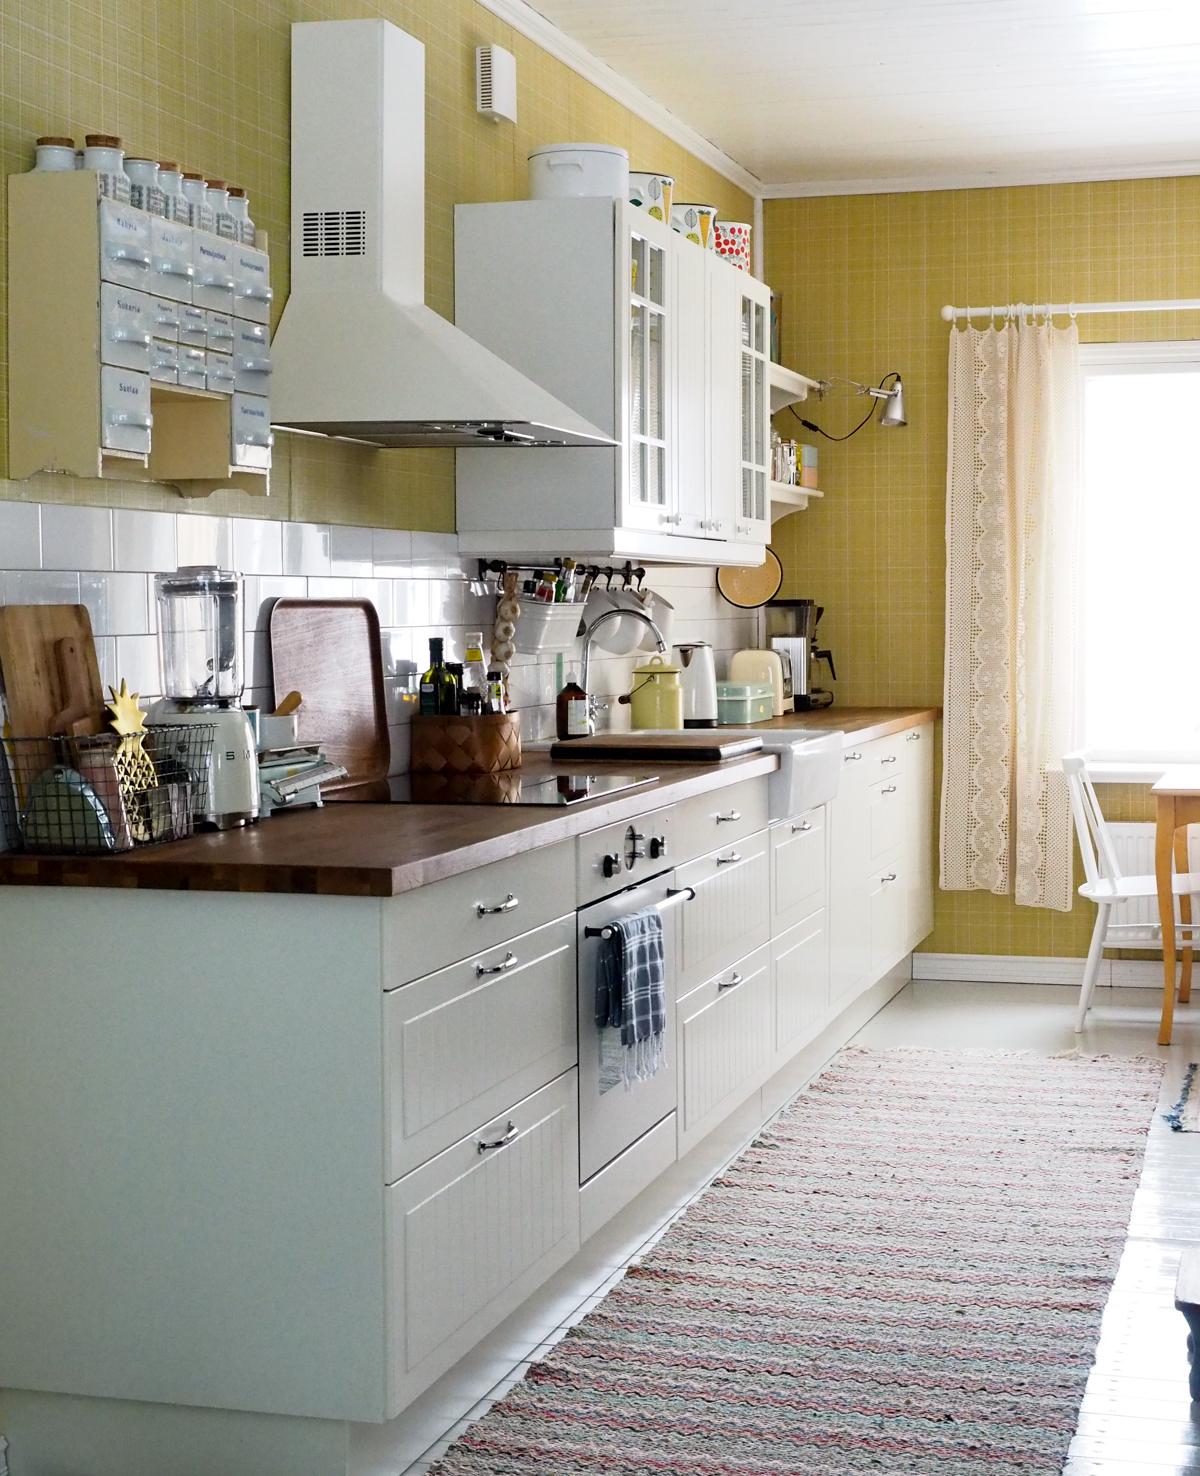 ikea keittiö, 50-luvun keittiö